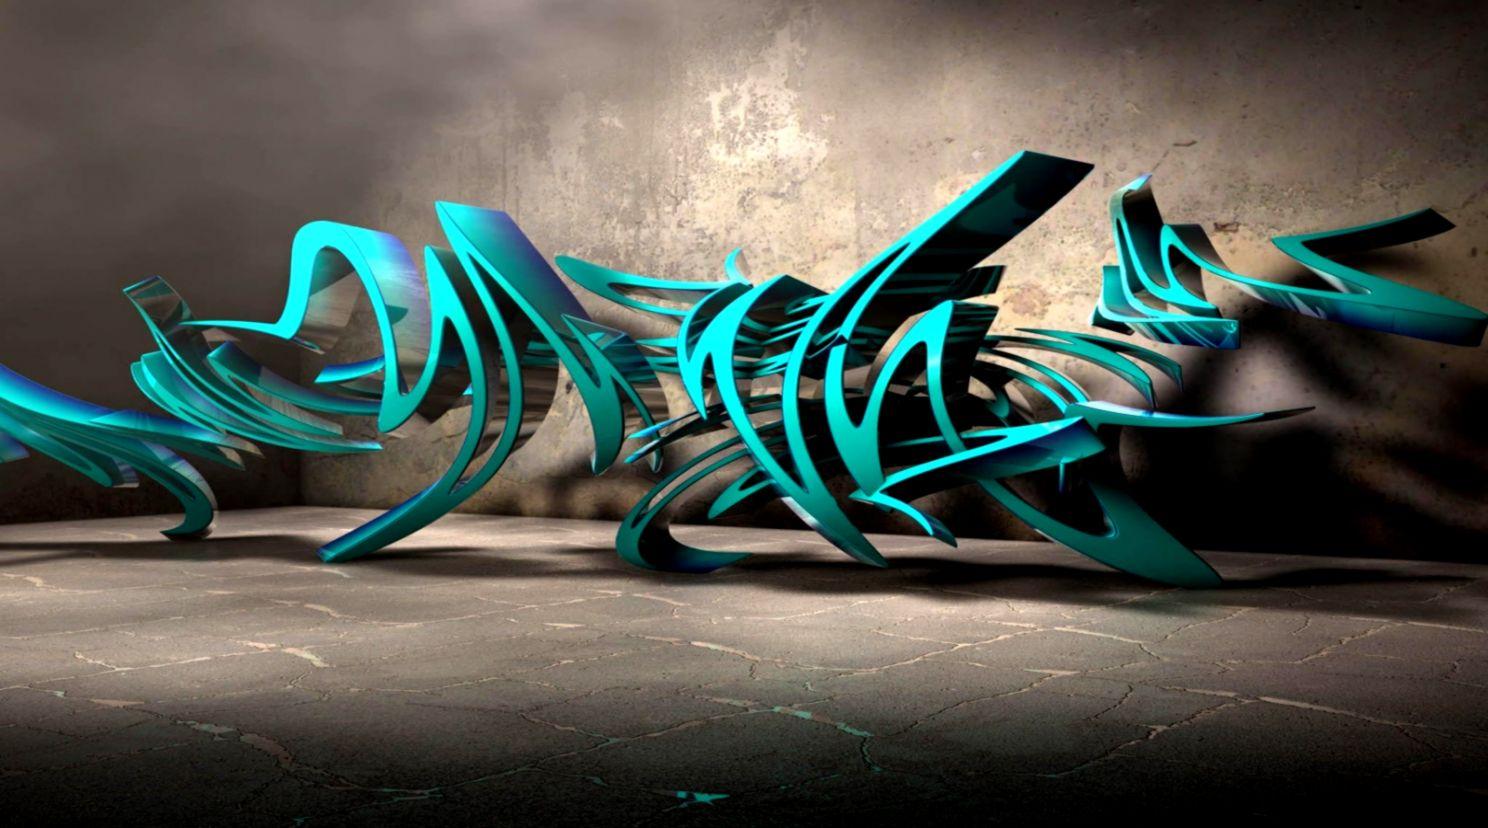 3D Cool Graffiti Hd | Wallpaper Background HD